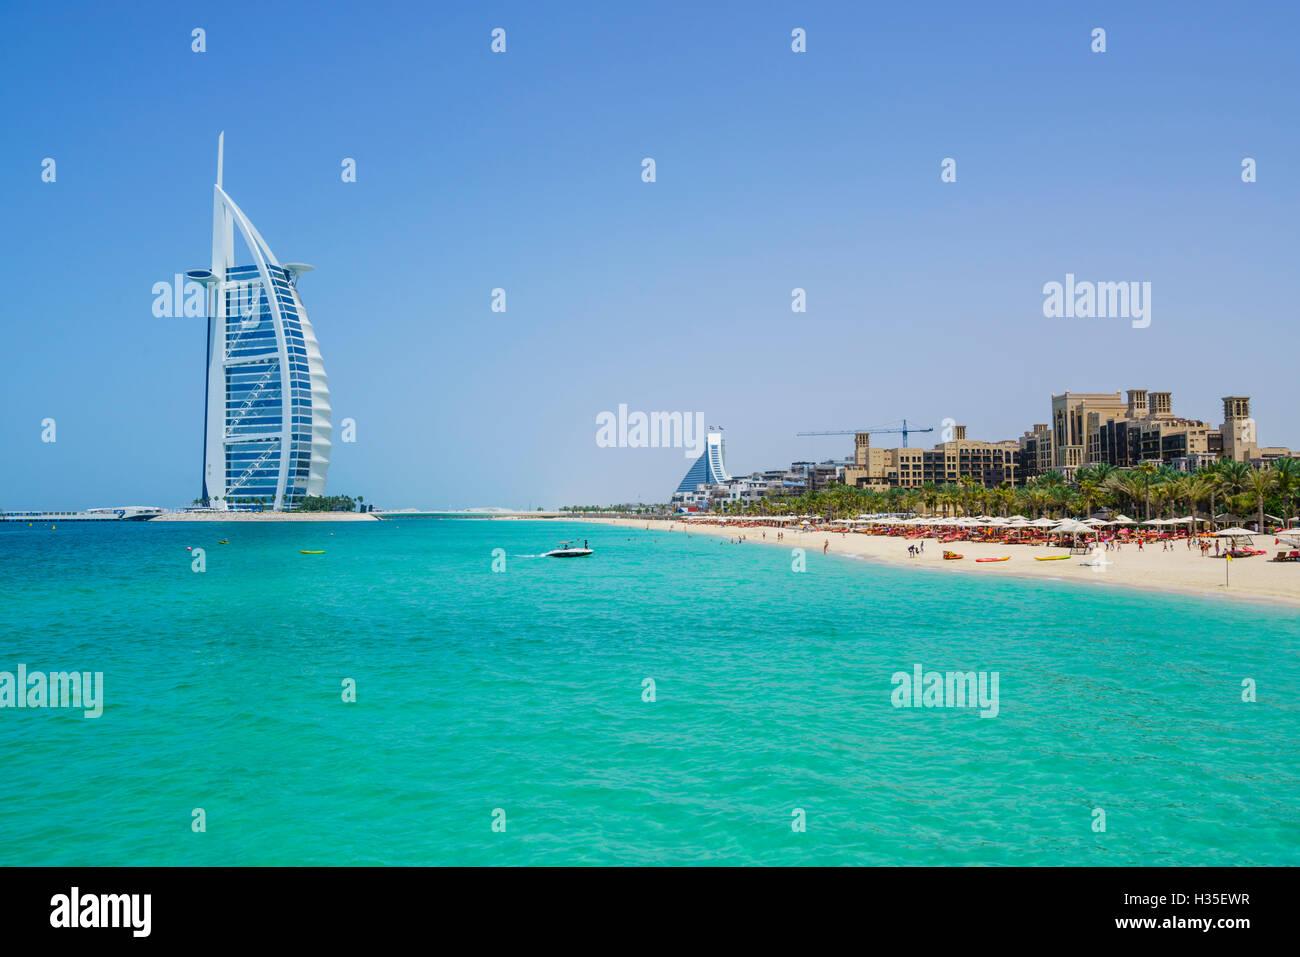 Burj Al Arab hotel, iconico segno distintivo di Dubai, Spiaggia di Jumeirah, Dubai, Emirati Arabi Uniti, Medio Oriente Immagini Stock